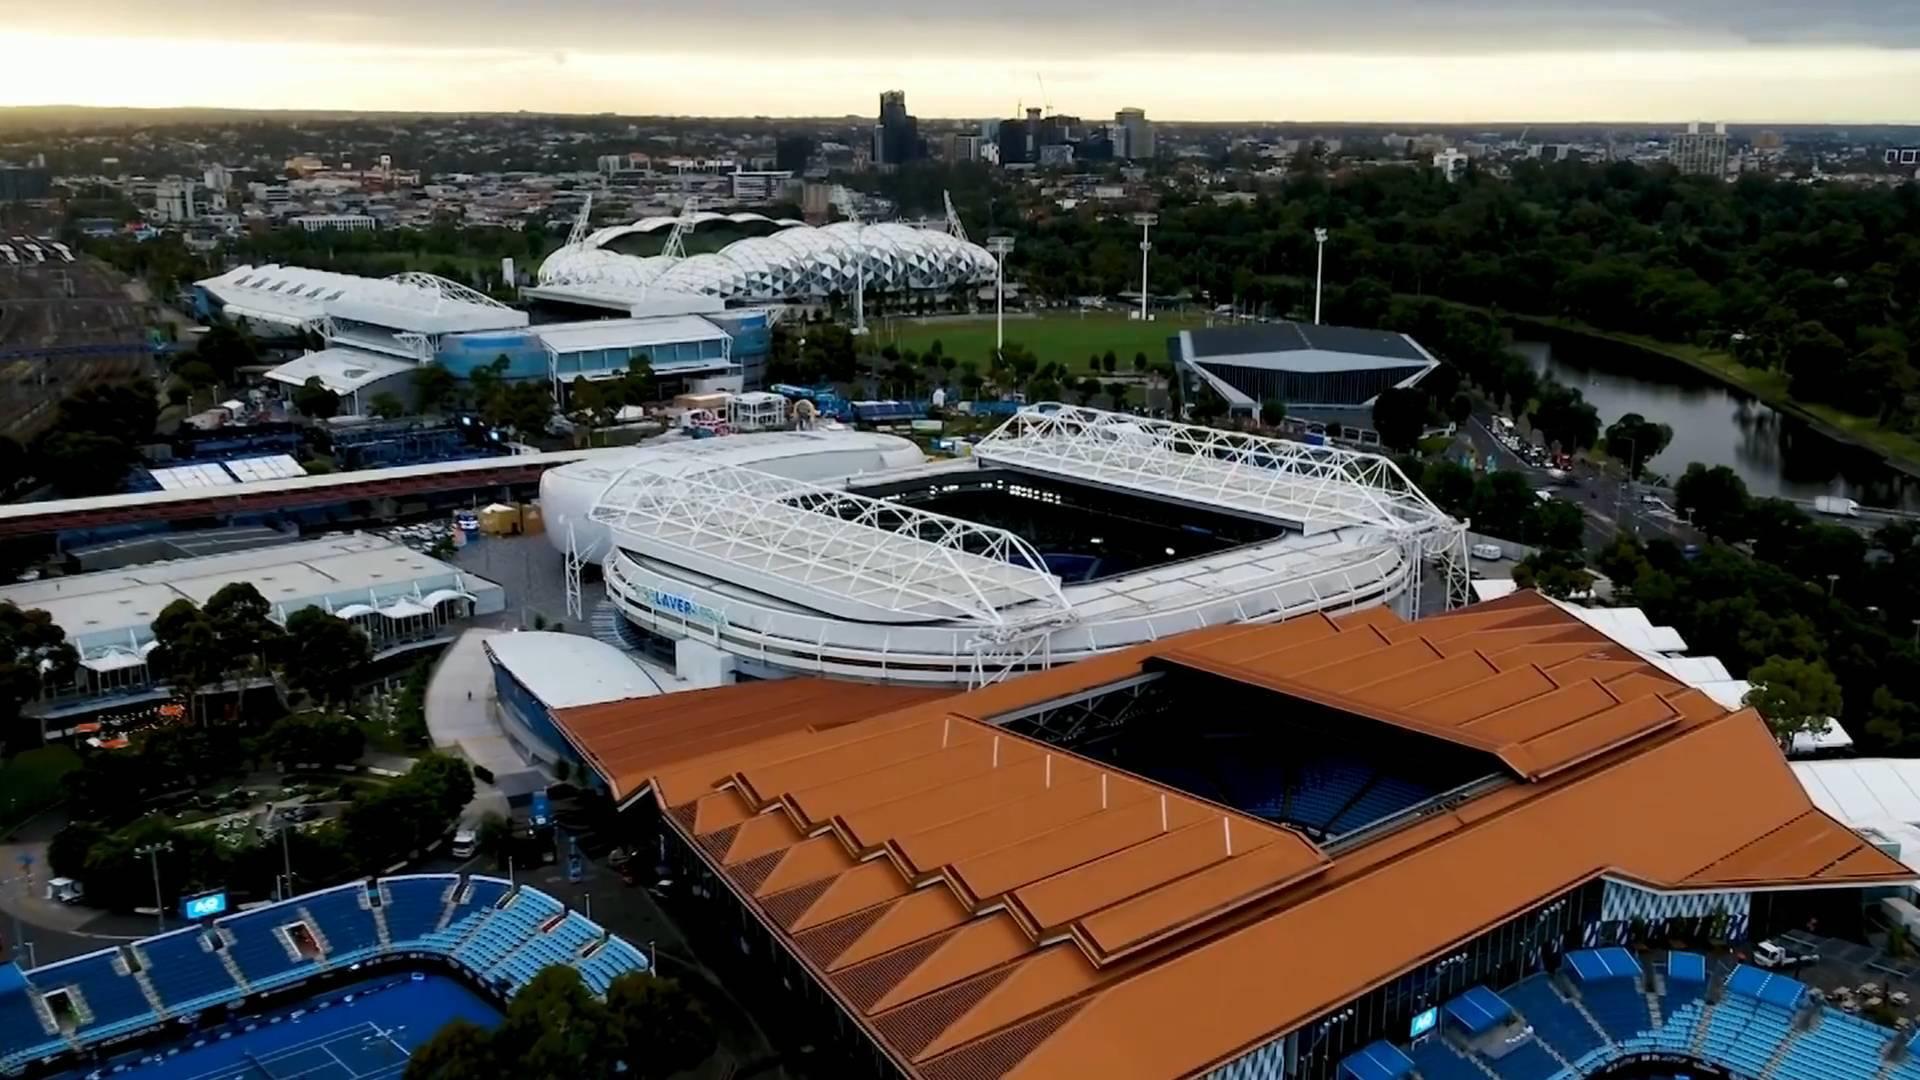 51秒丨澳网球员陆续抵澳 多人行前确诊感染新冠肺炎再度引发担忧